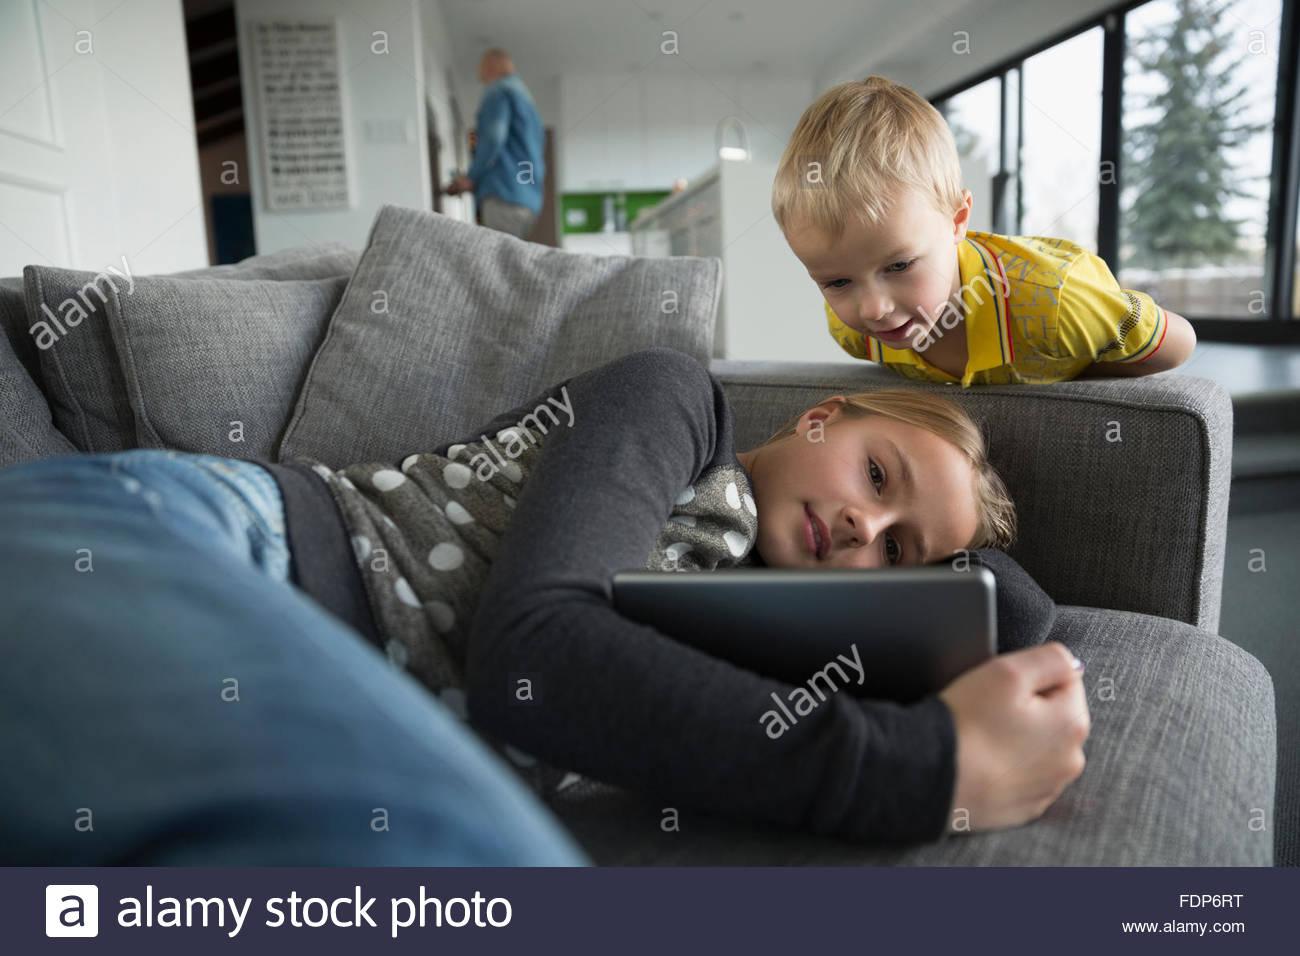 Hermano y hermana viendo la tableta digital en el sofá Imagen De Stock